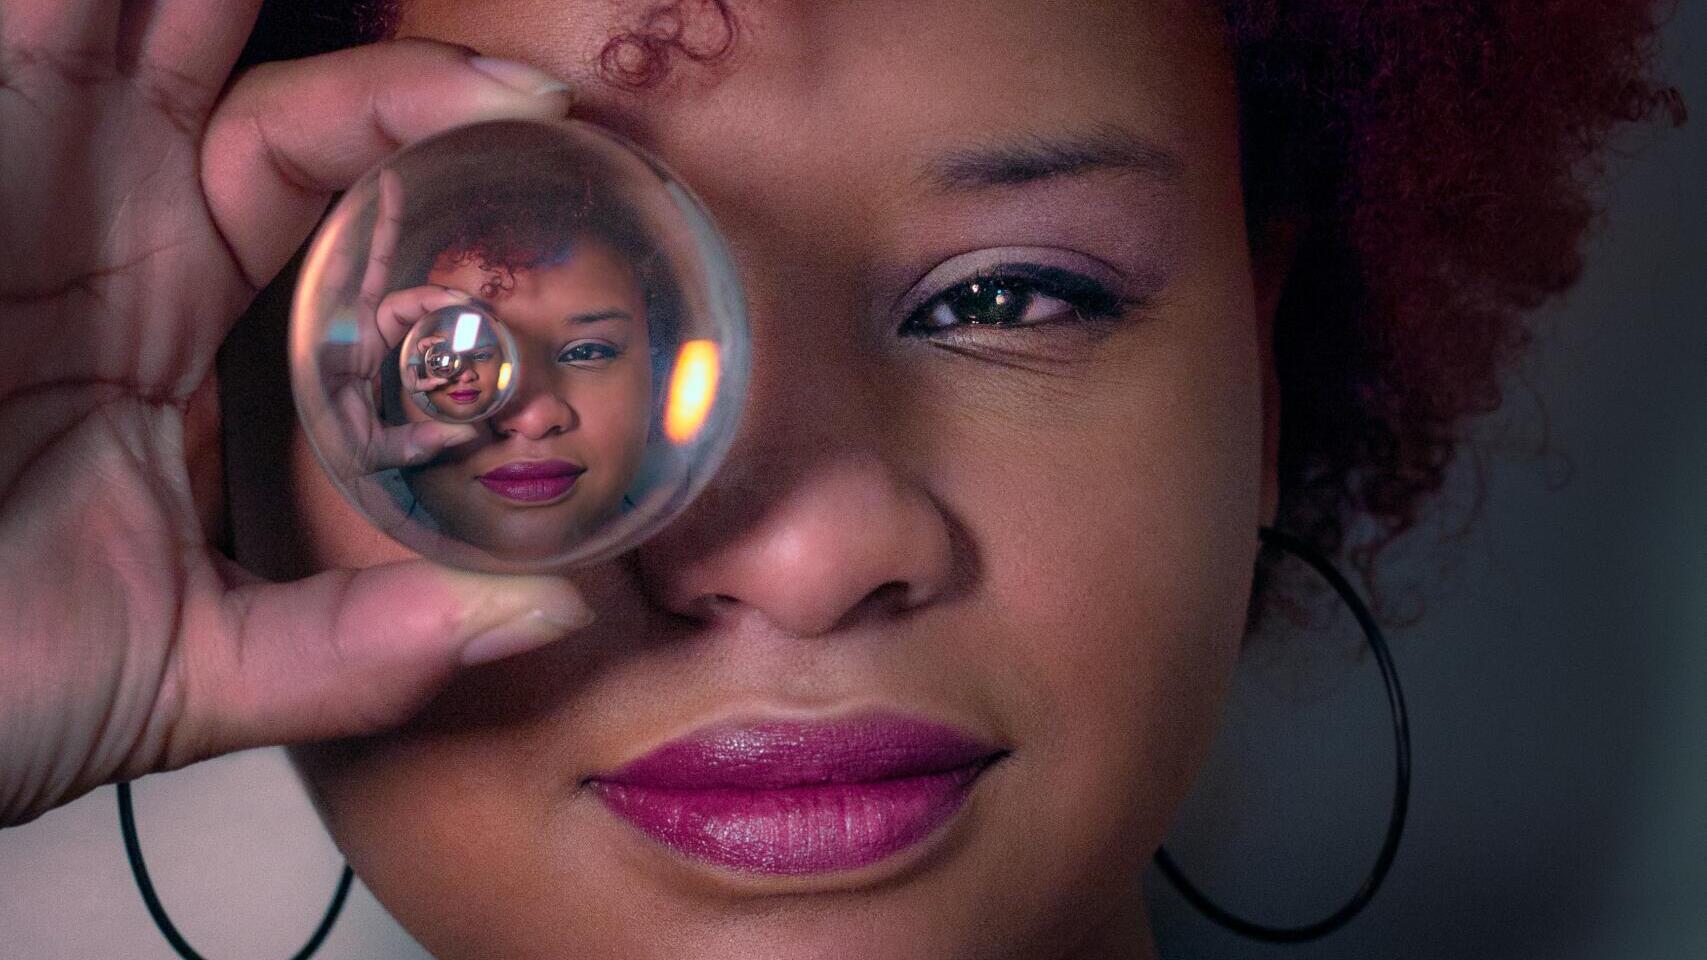 gesichtserkennung-–-sieben-bizarre-blicke-in-die-glaskugel